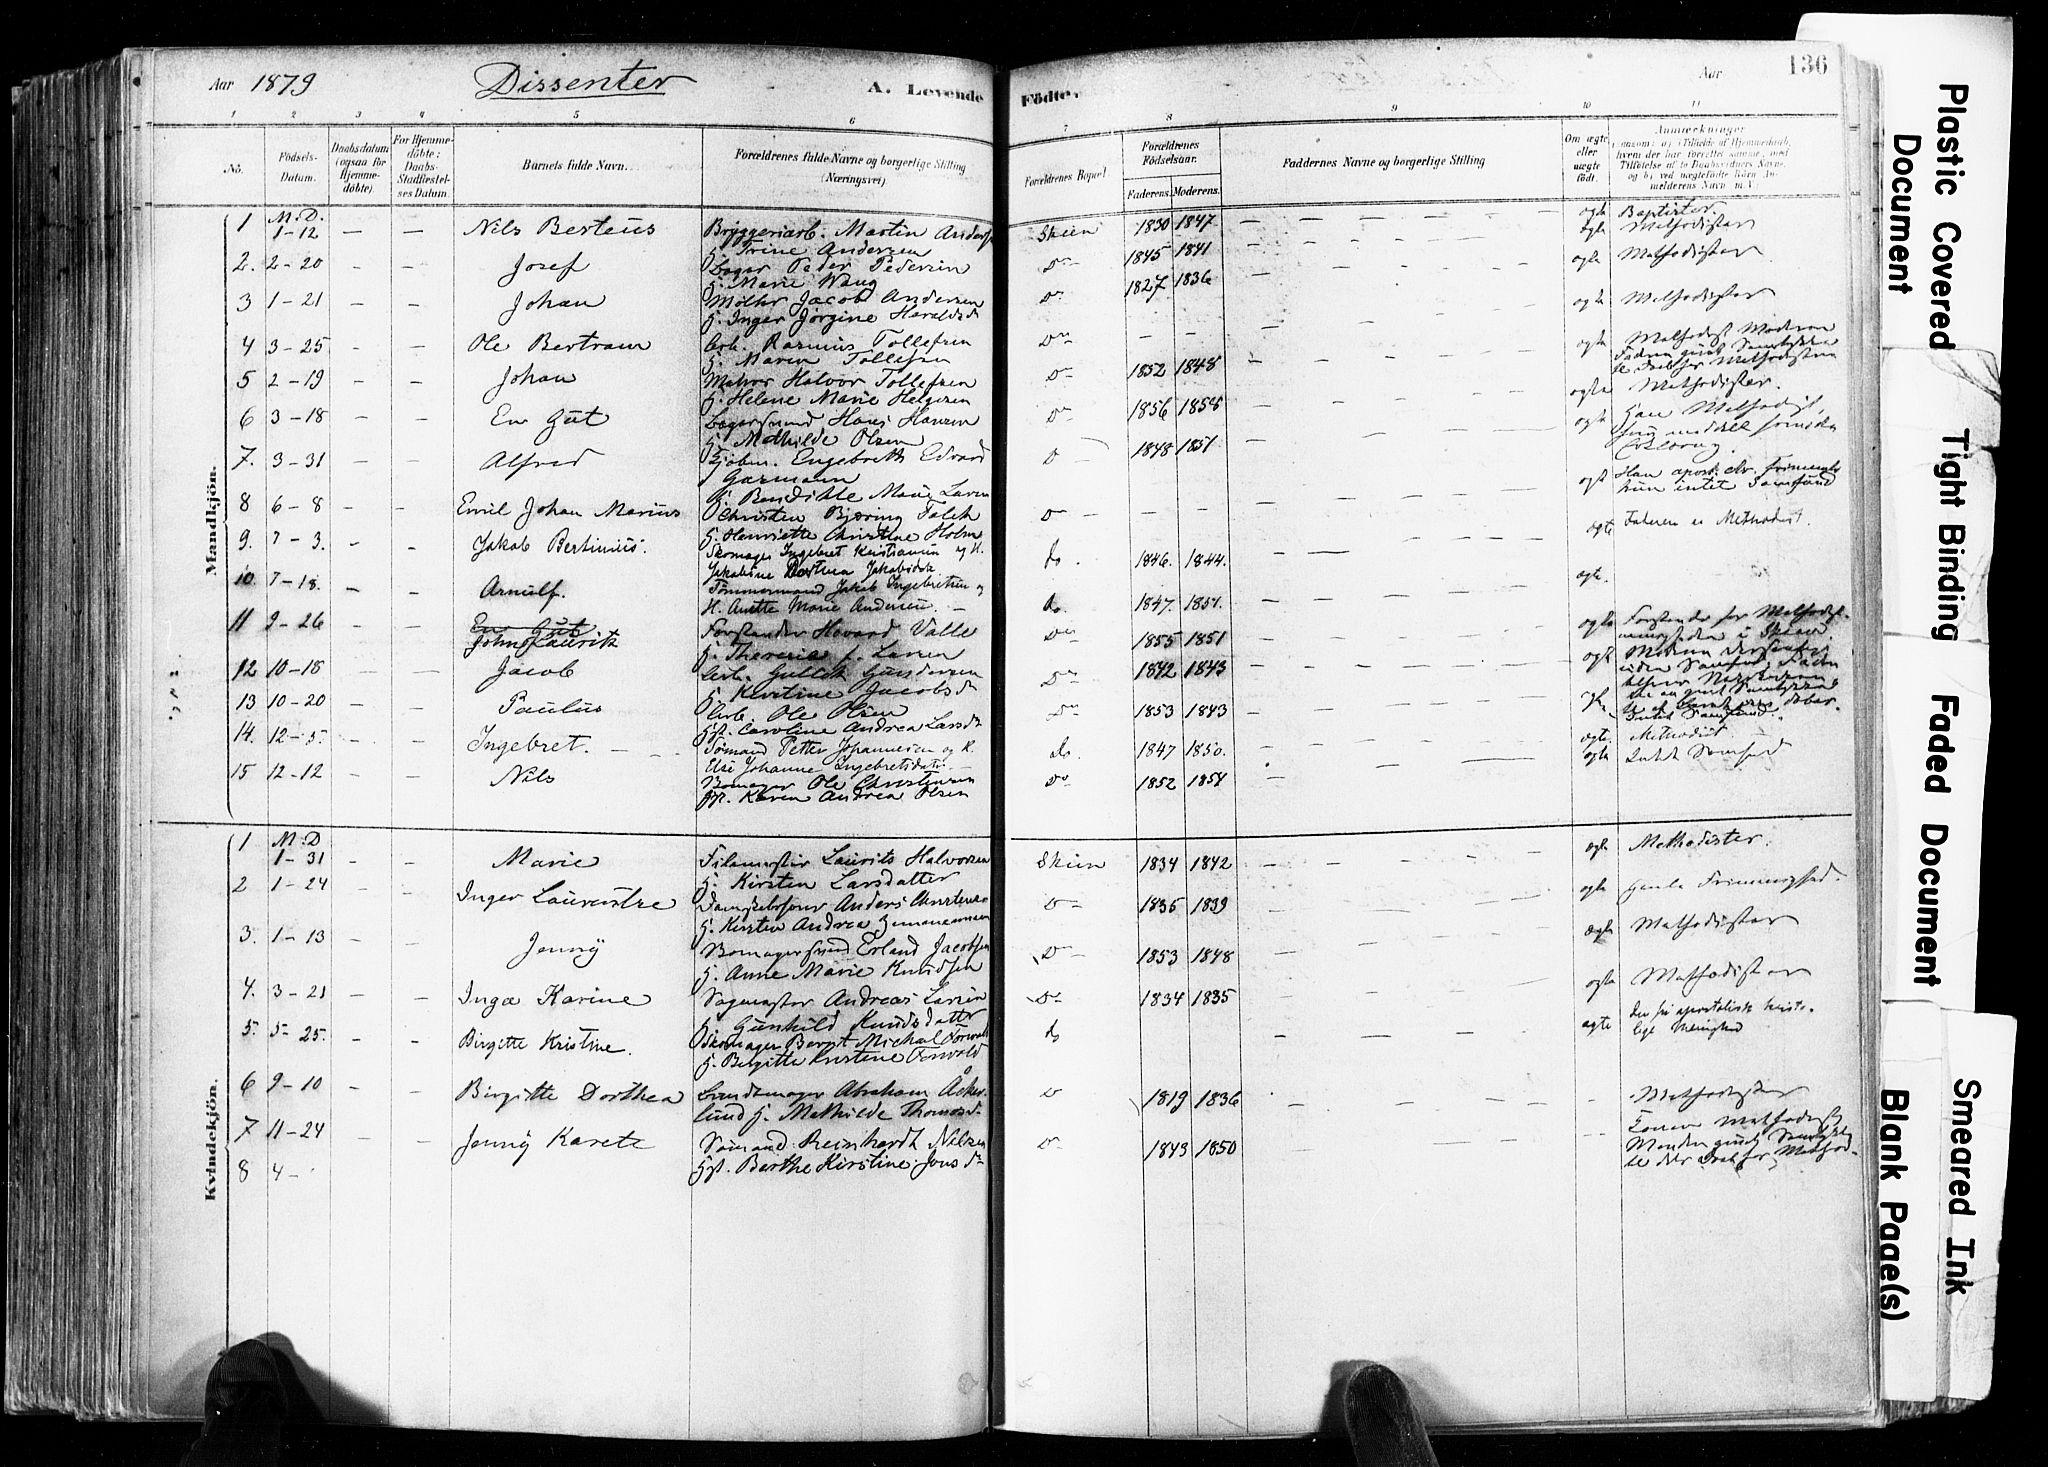 SAKO, Skien kirkebøker, F/Fa/L0009: Ministerialbok nr. 9, 1878-1890, s. 136